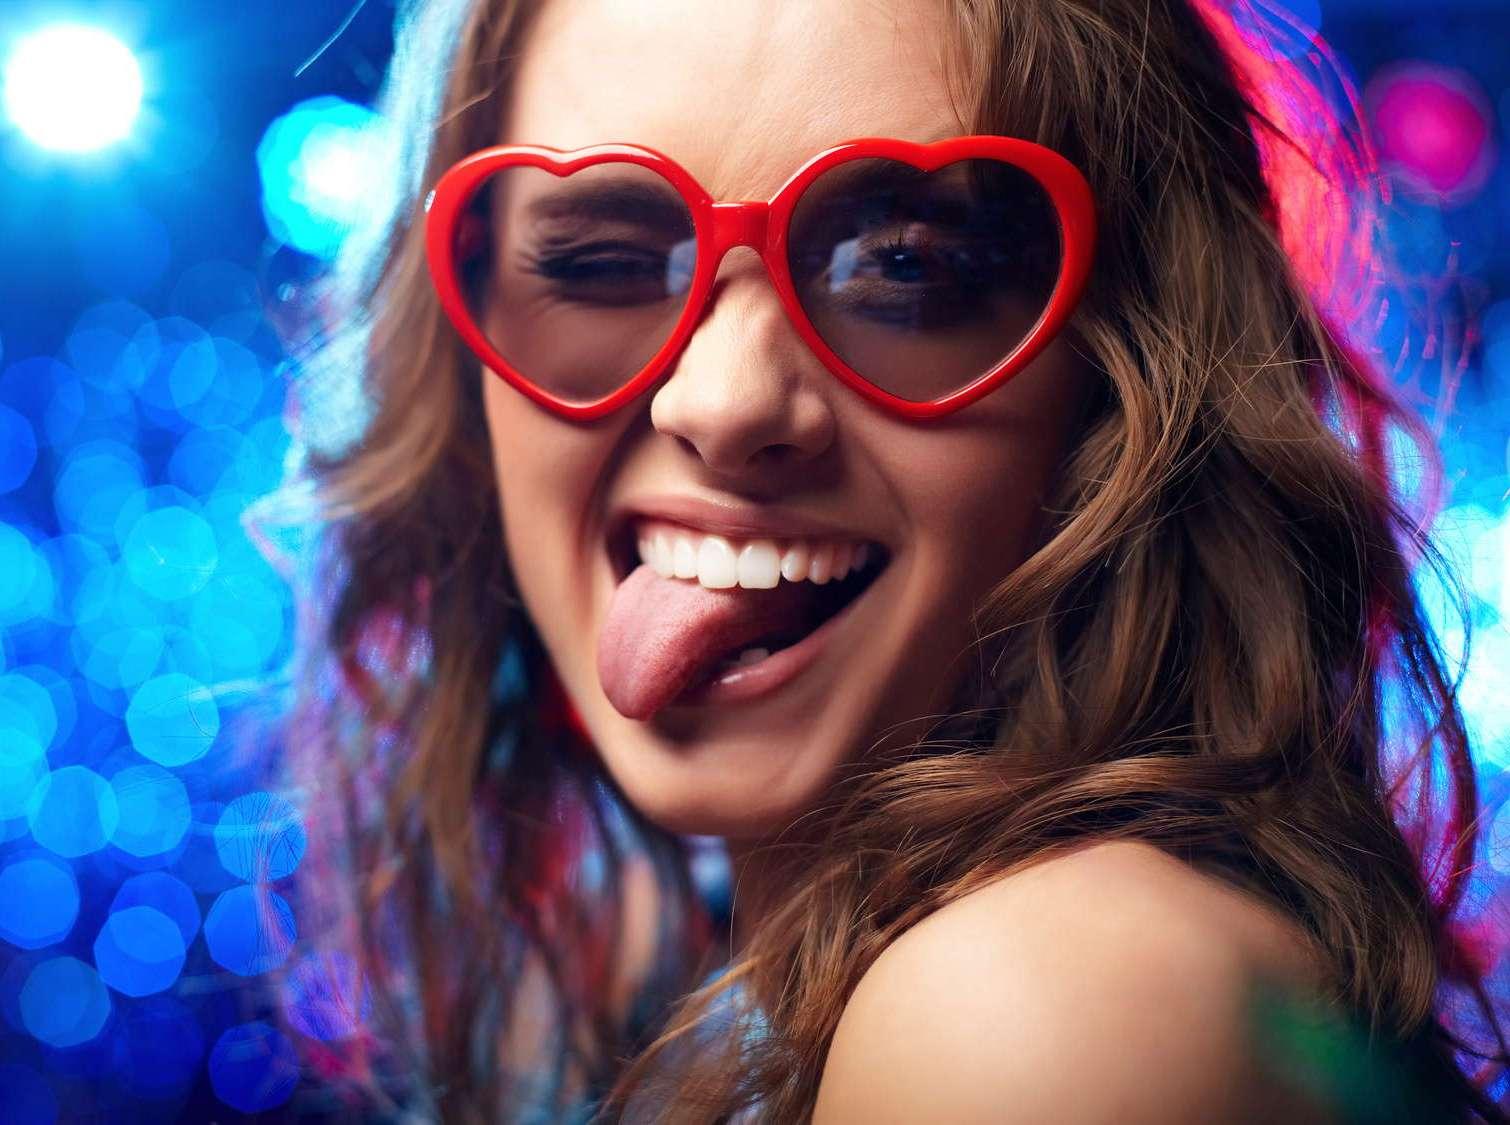 Девушка в очках прикольные картинки, днем